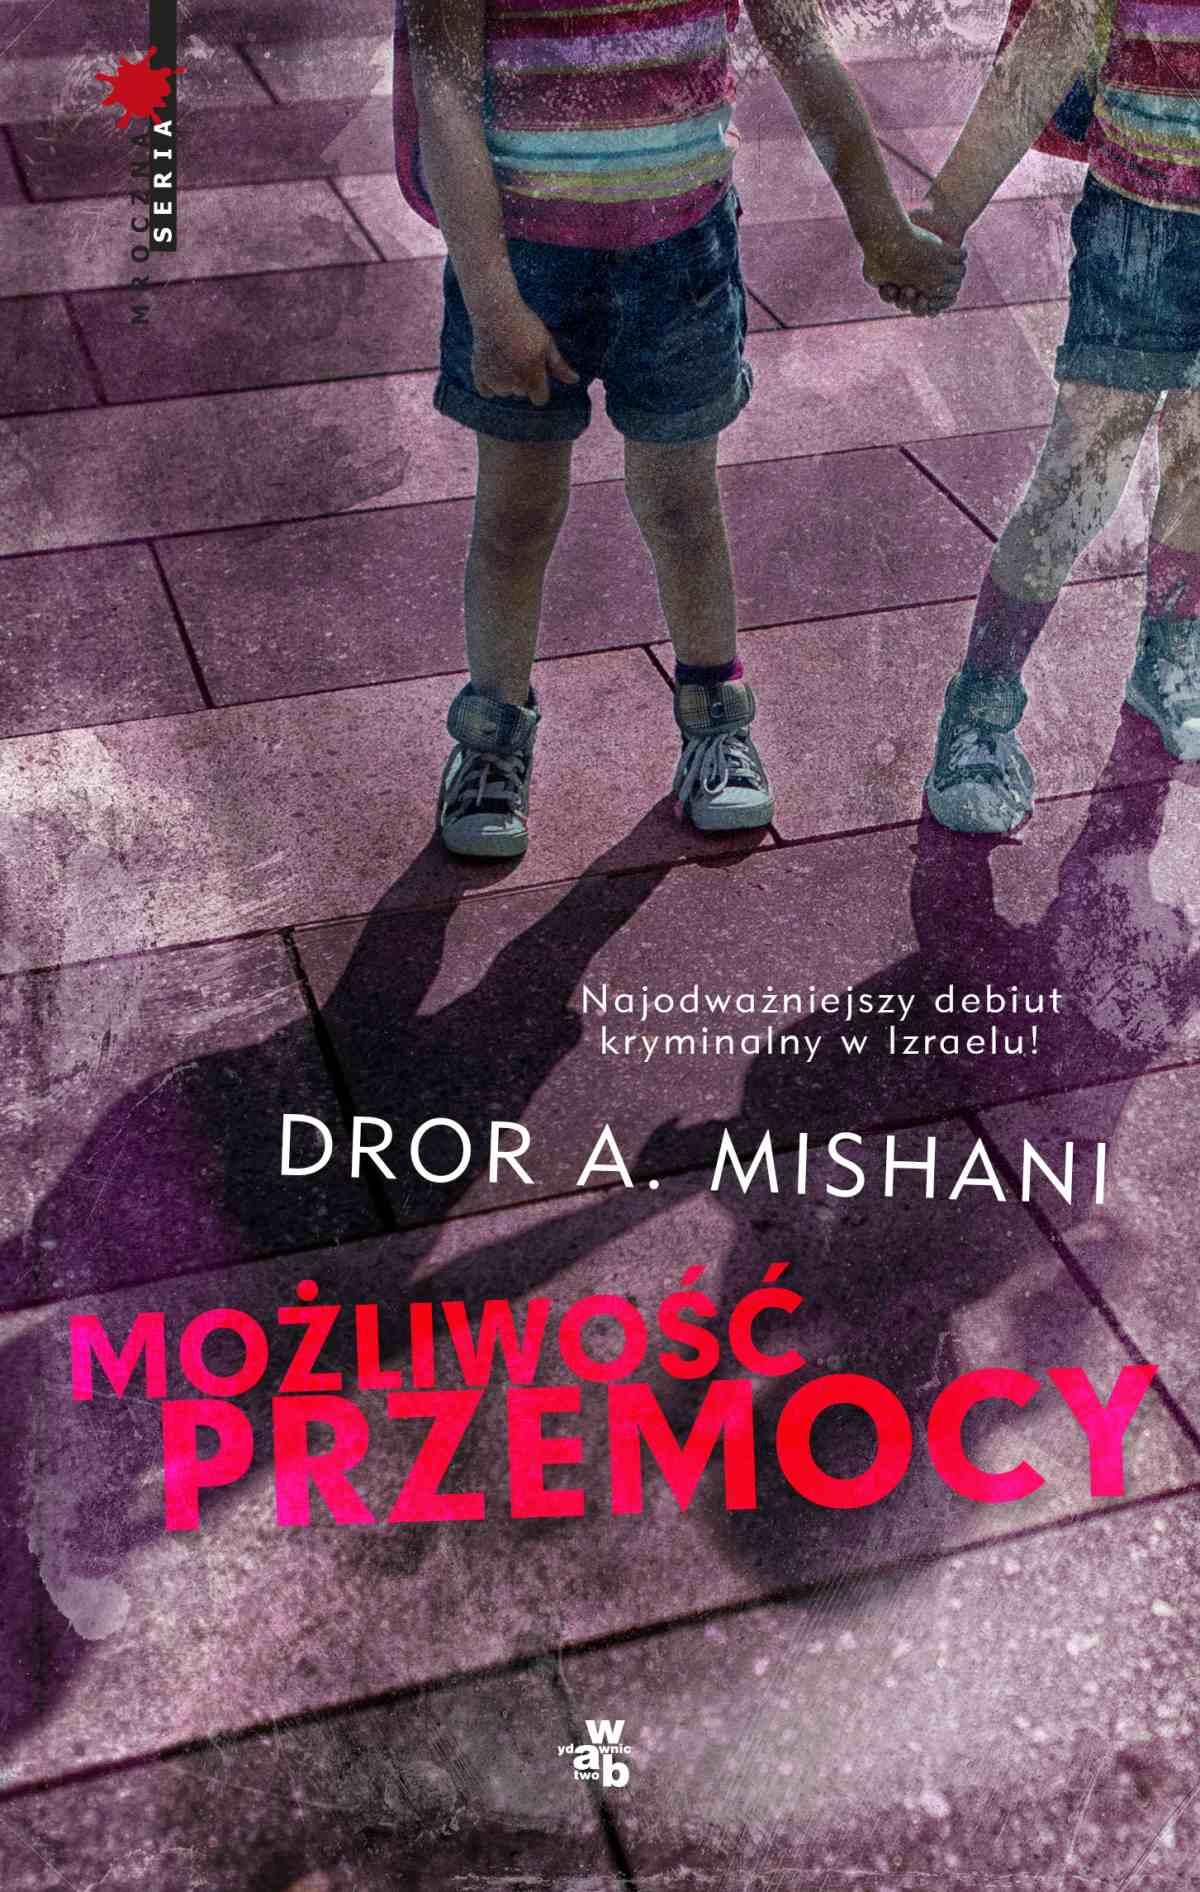 Możliwość przemocy - Ebook (Książka na Kindle) do pobrania w formacie MOBI